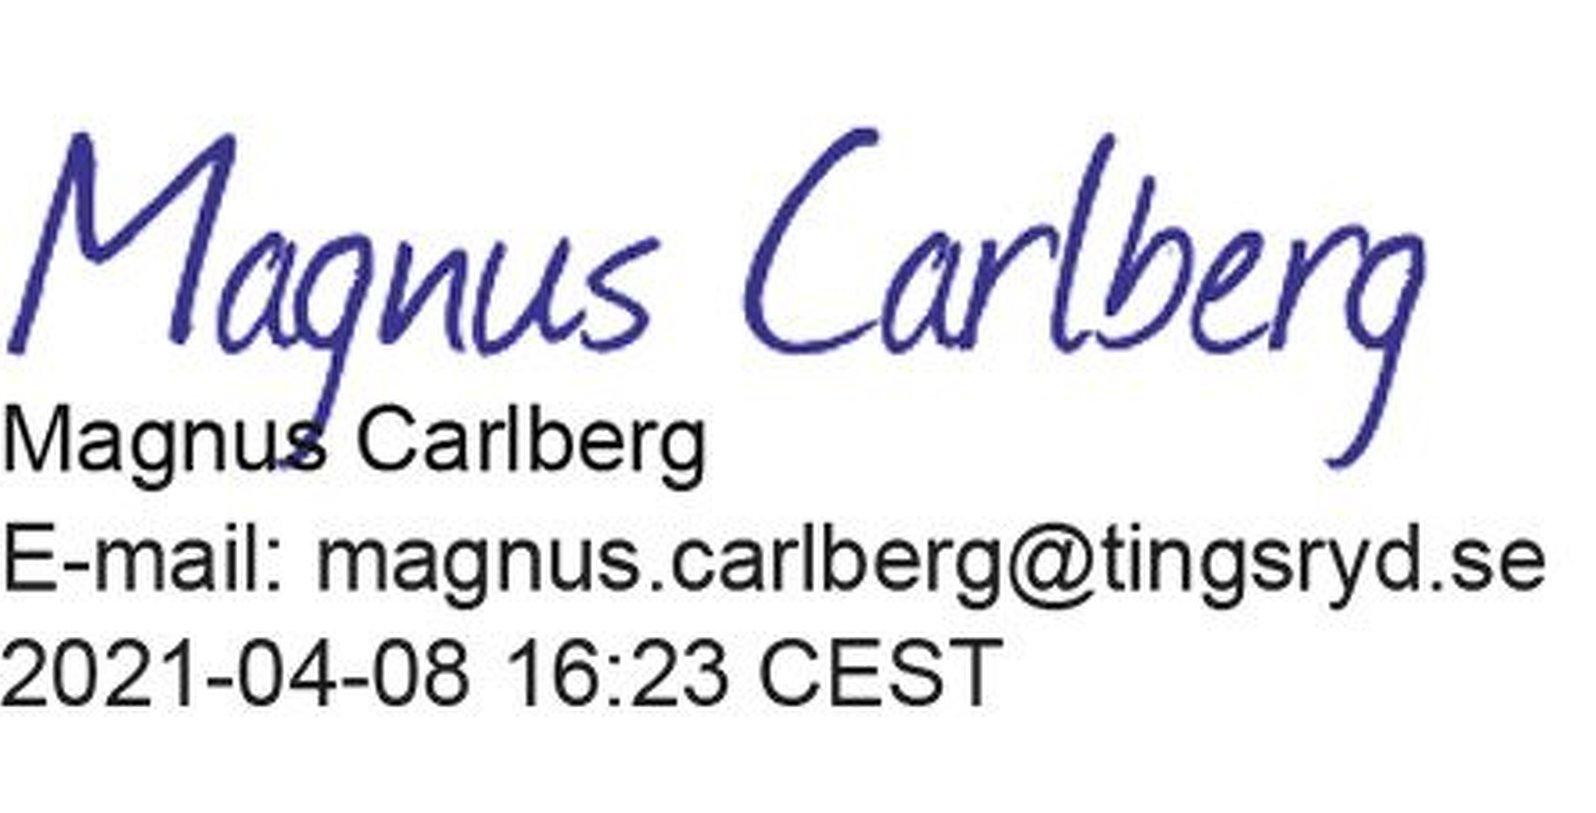 Magnus Carlberg digital signatur